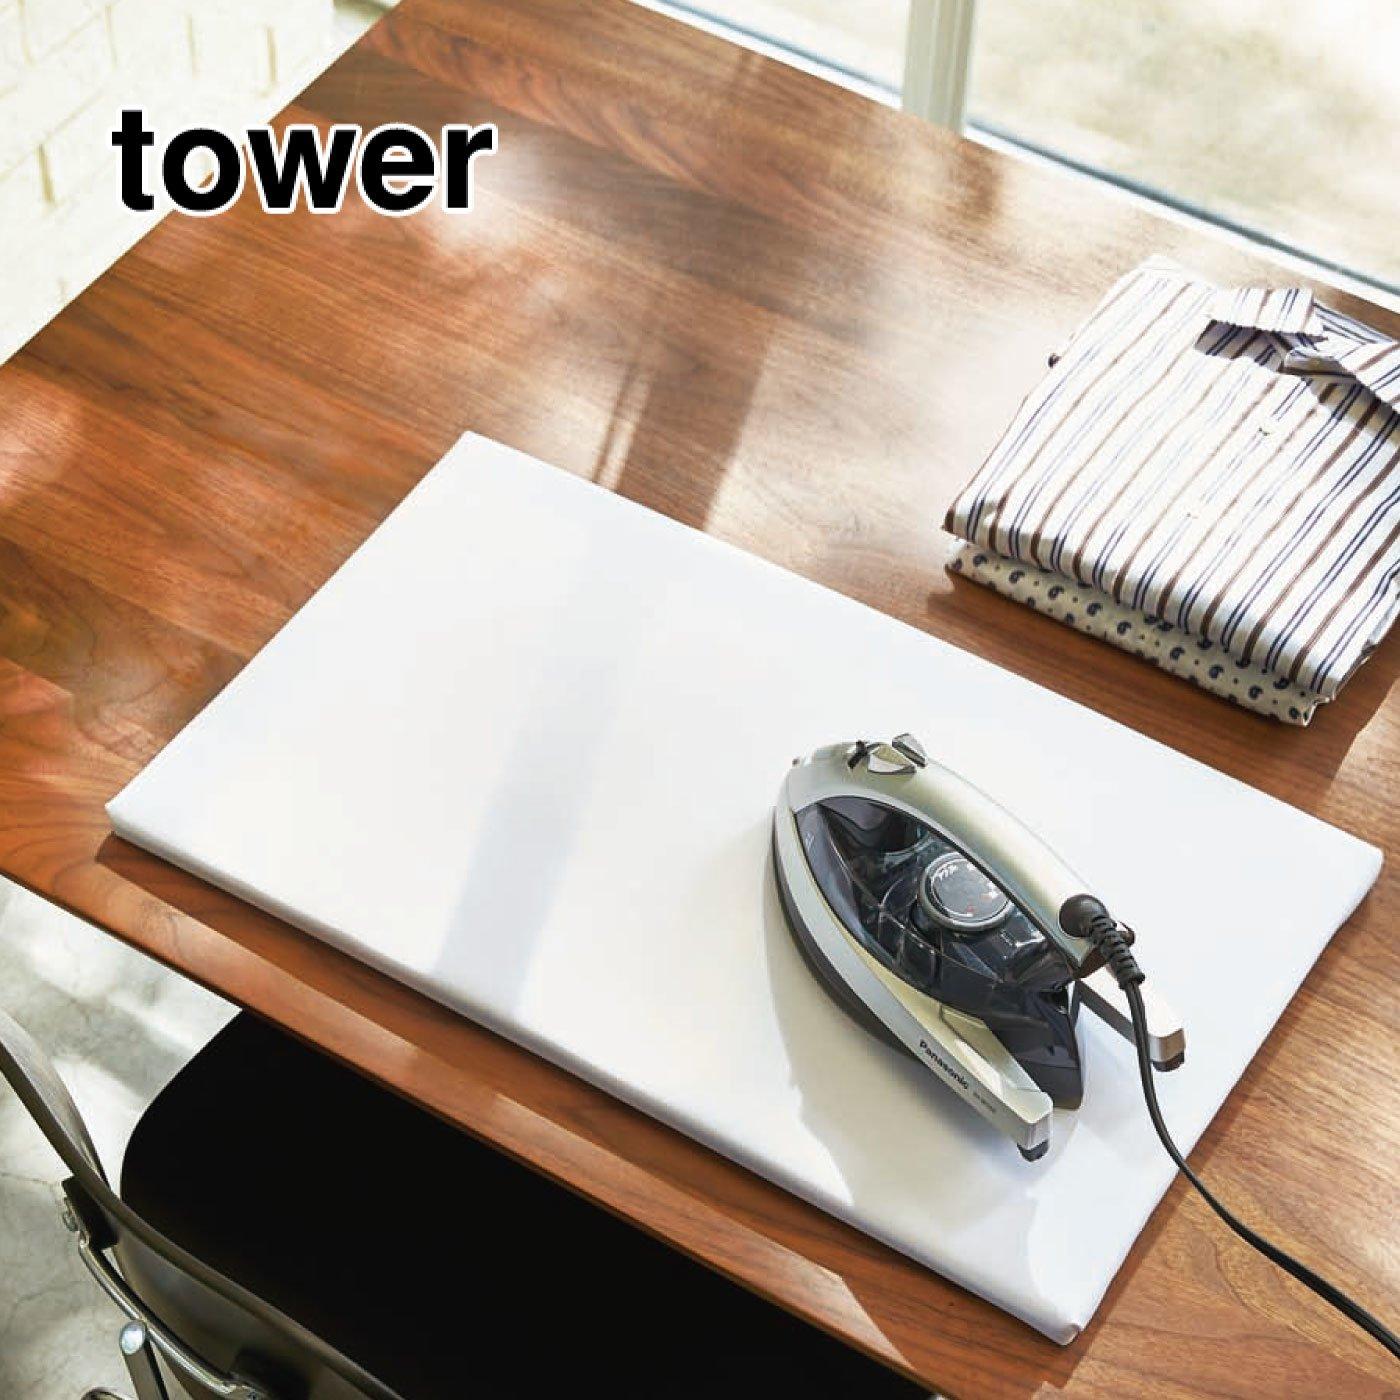 tower  置くだけ便利。アイロンがけが座ってできる 平型アイロン台